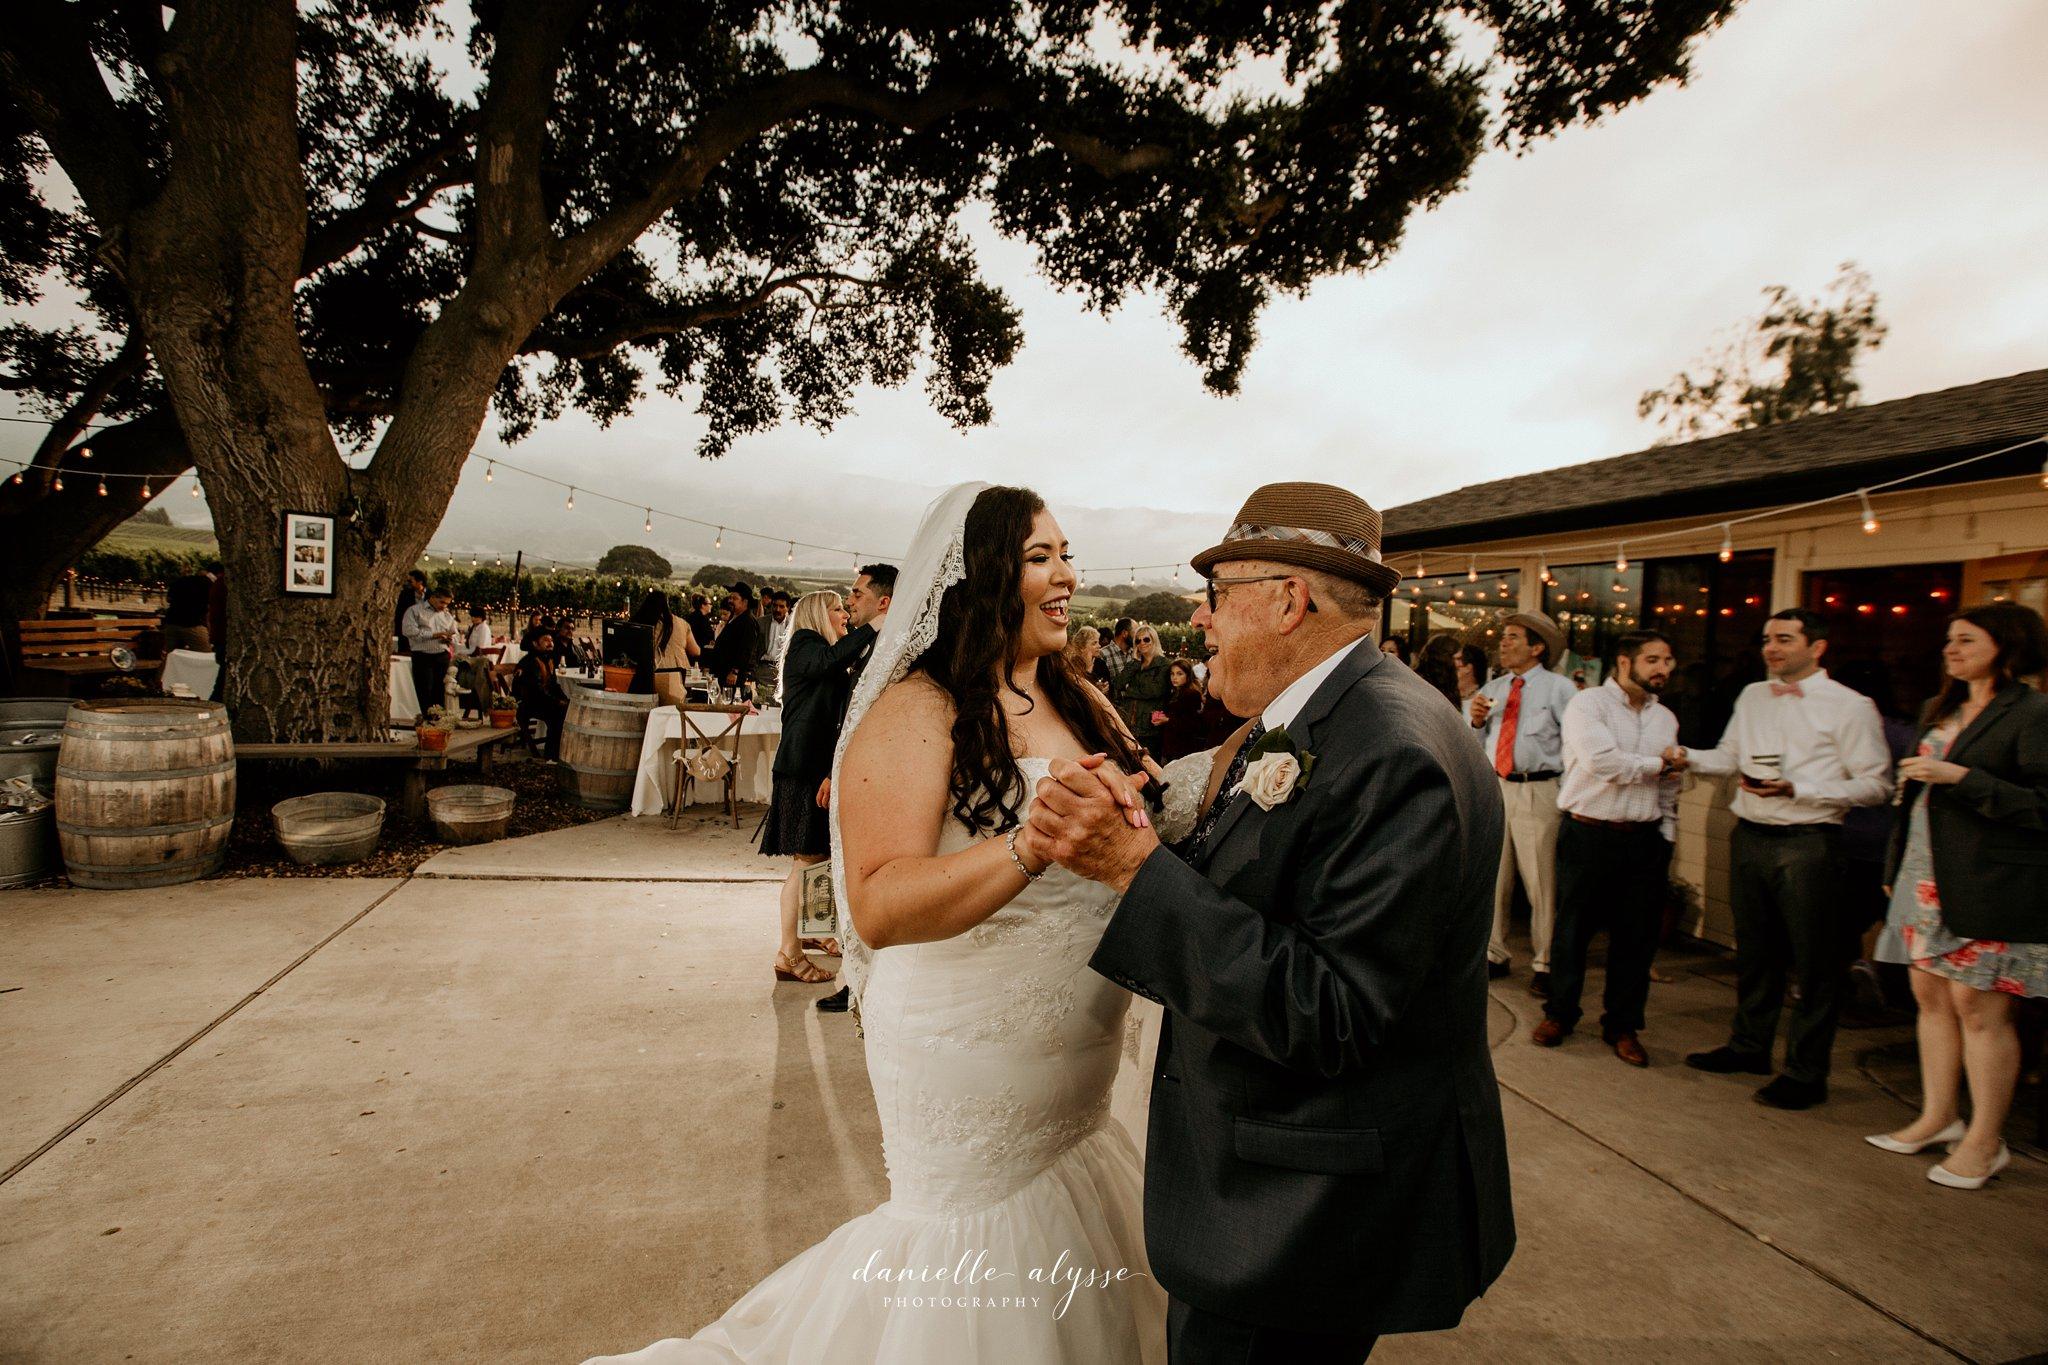 180630_wedding_lily_ryan_mission_soledad_california_danielle_alysse_photography_blog_1111_WEB.jpg